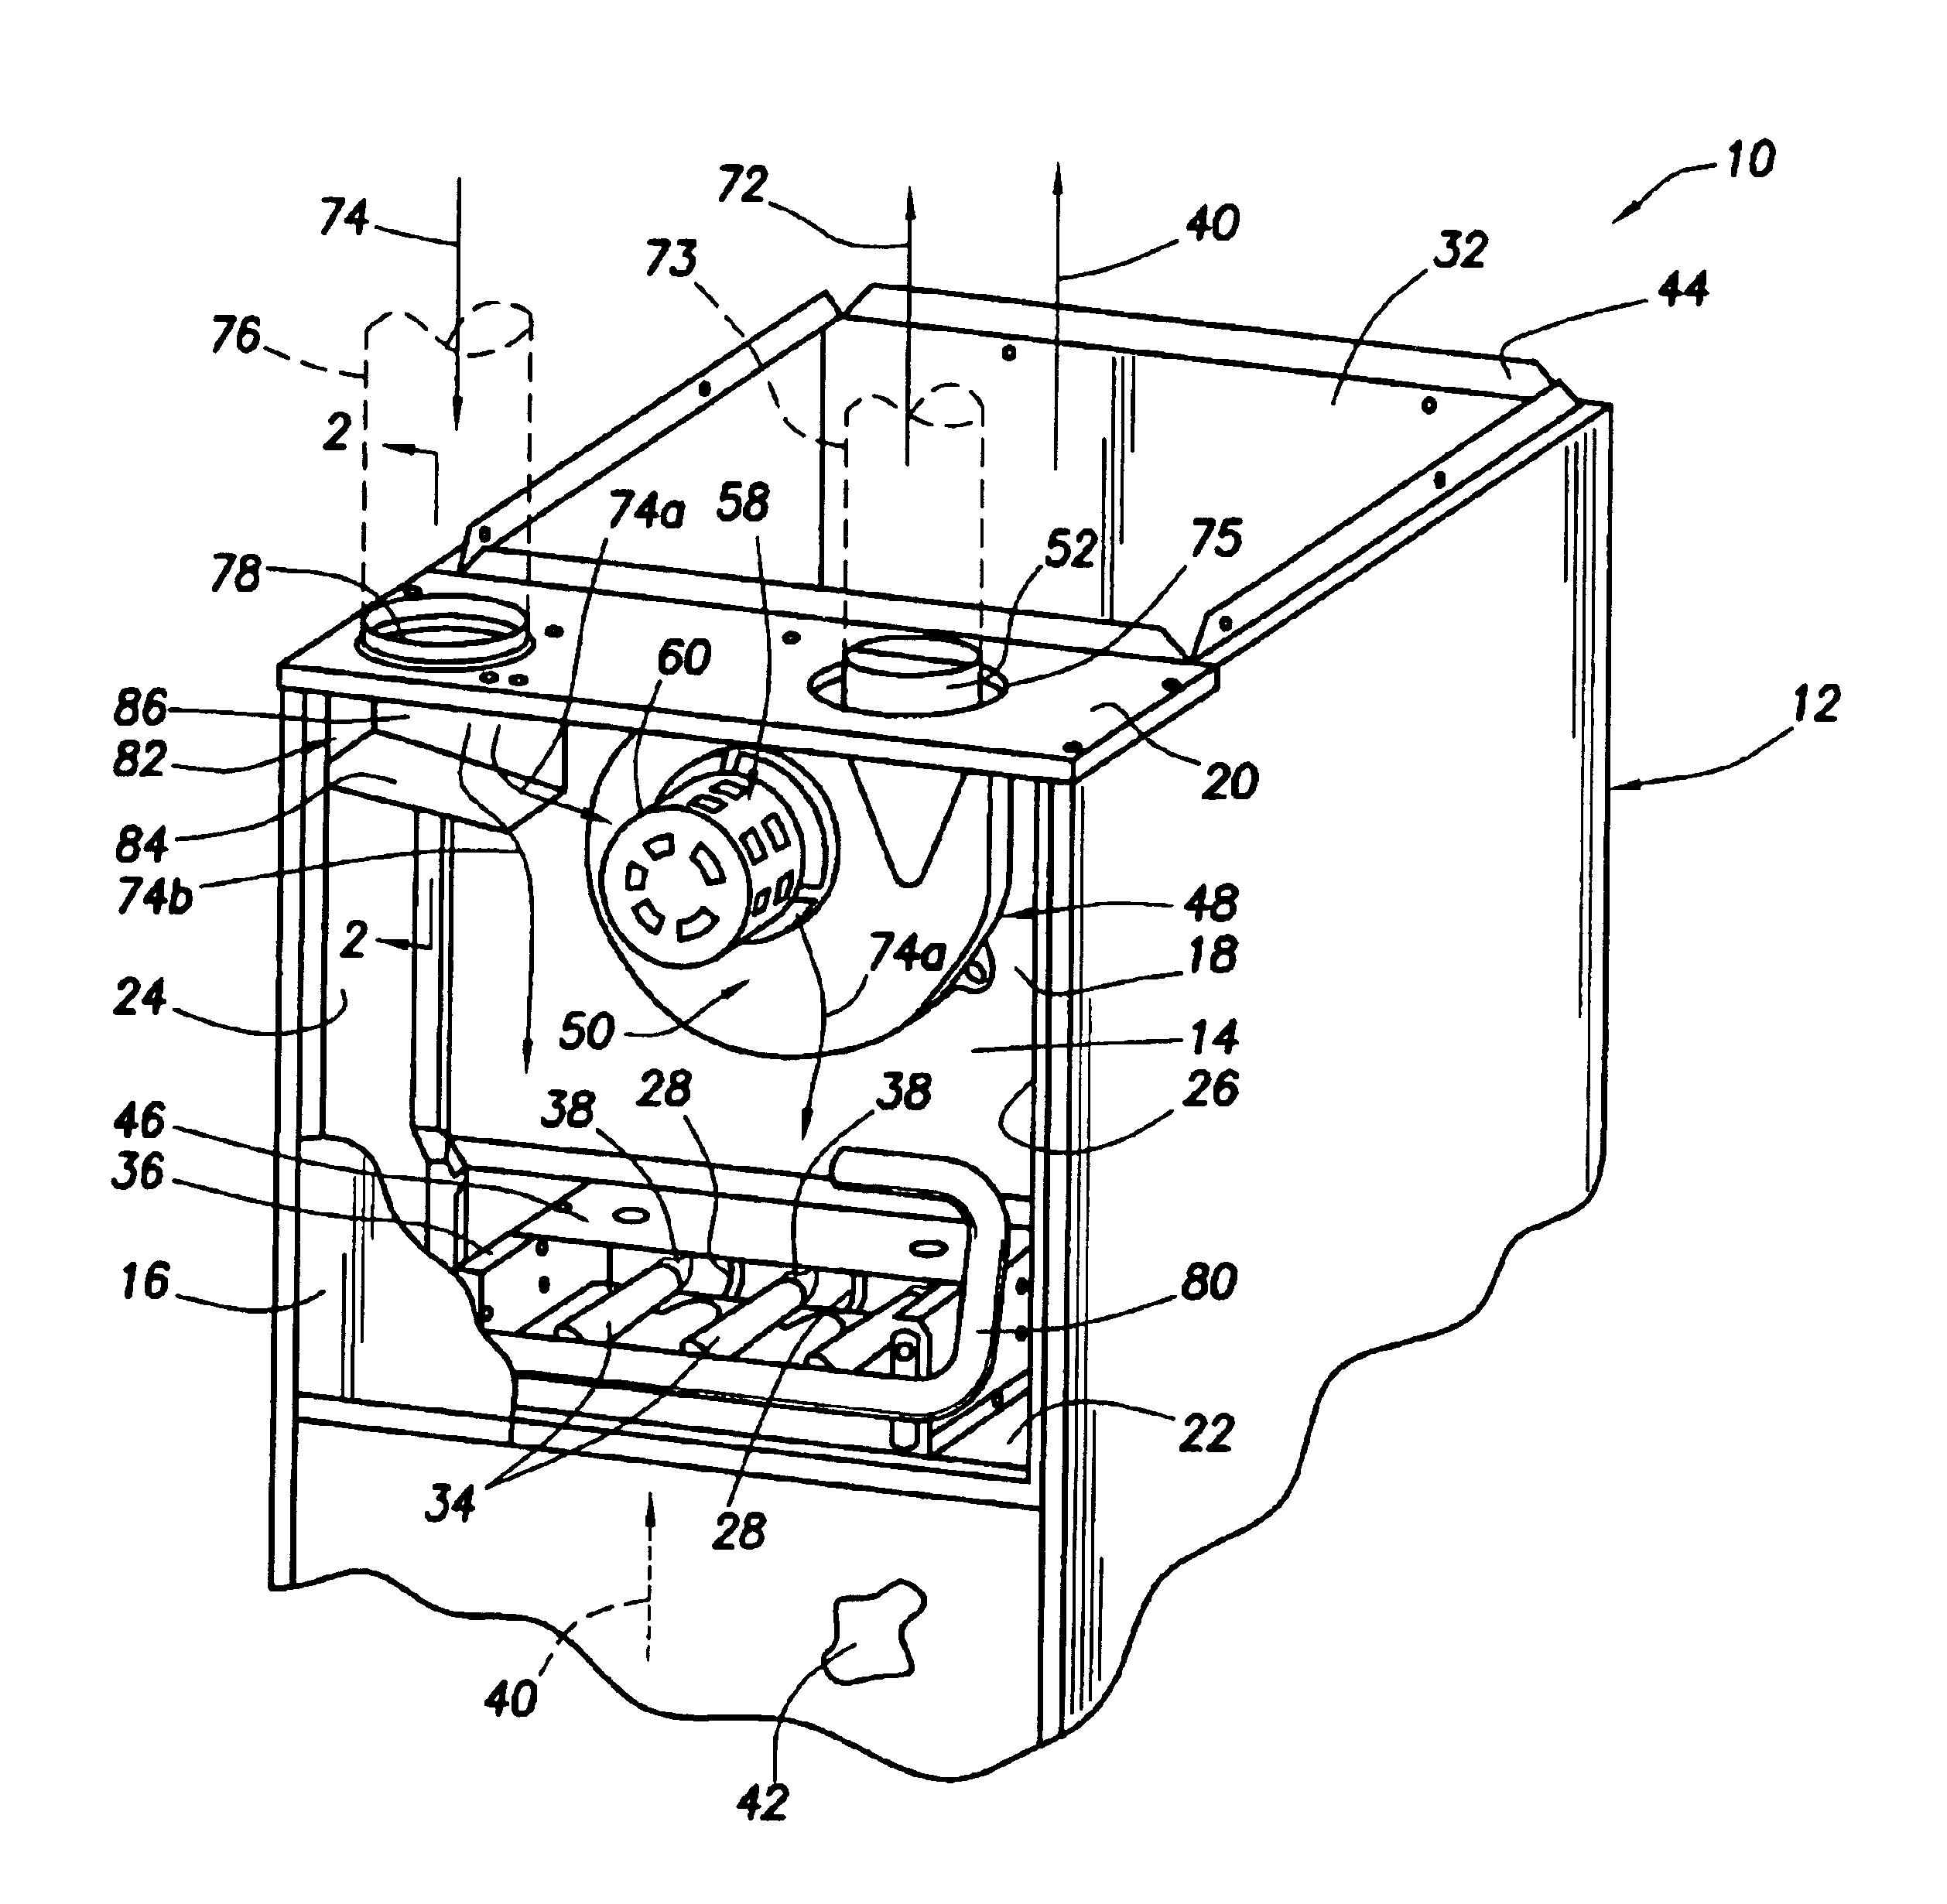 patent us6769425